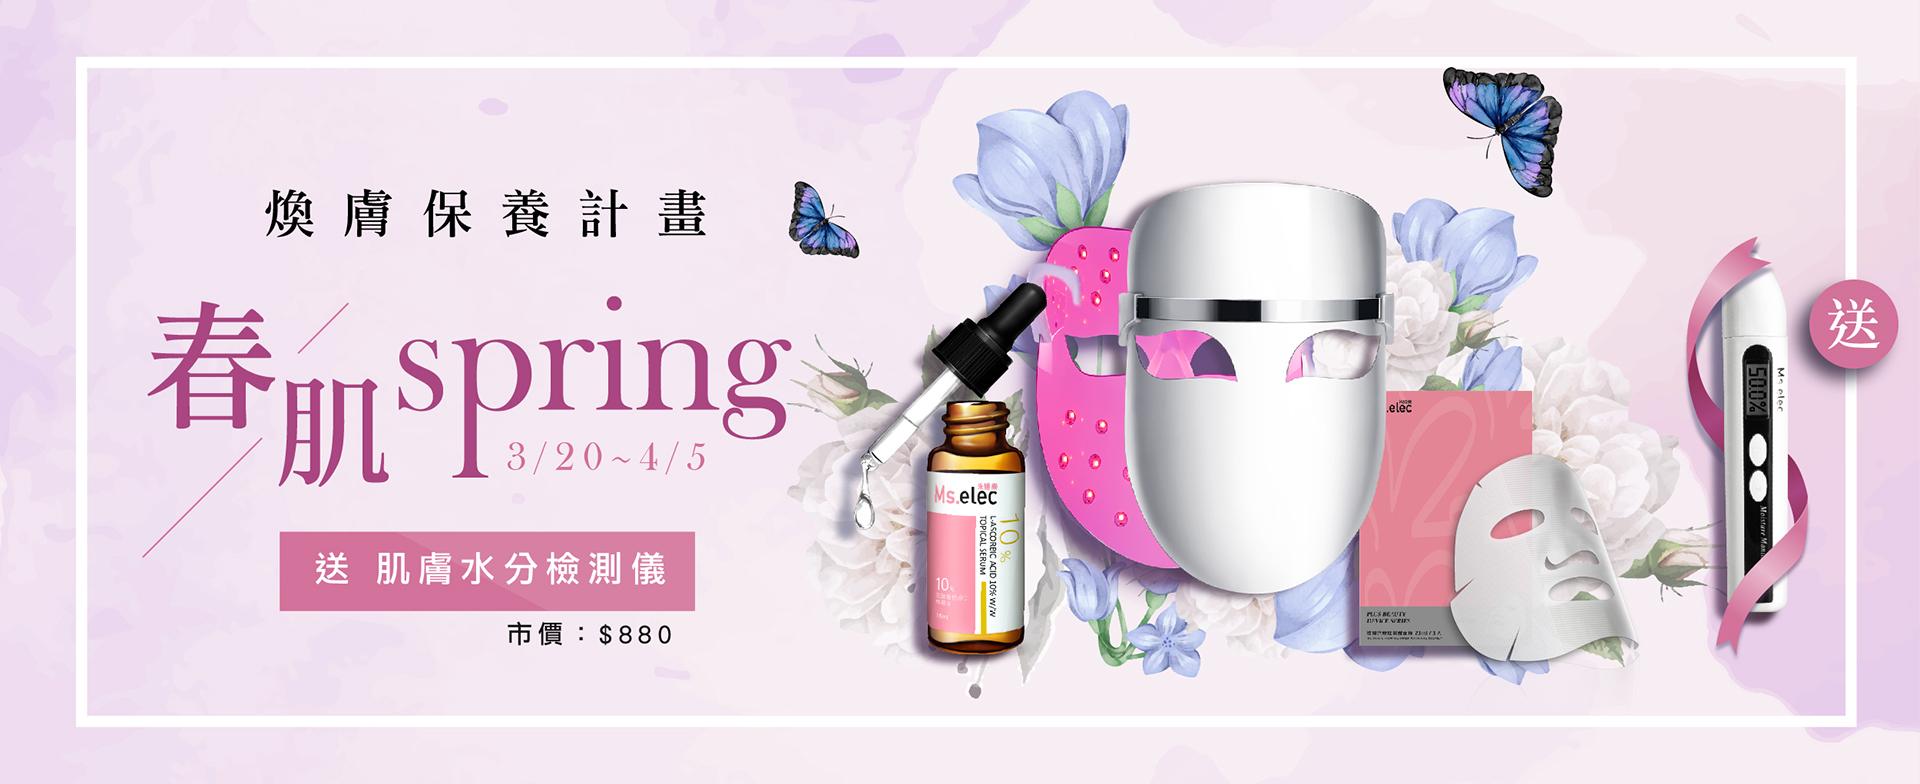 春肌煥膚保養計畫,米嬉樂美容儀,導入儀,買抗皺保濕限定優惠組送肌膚檢測儀